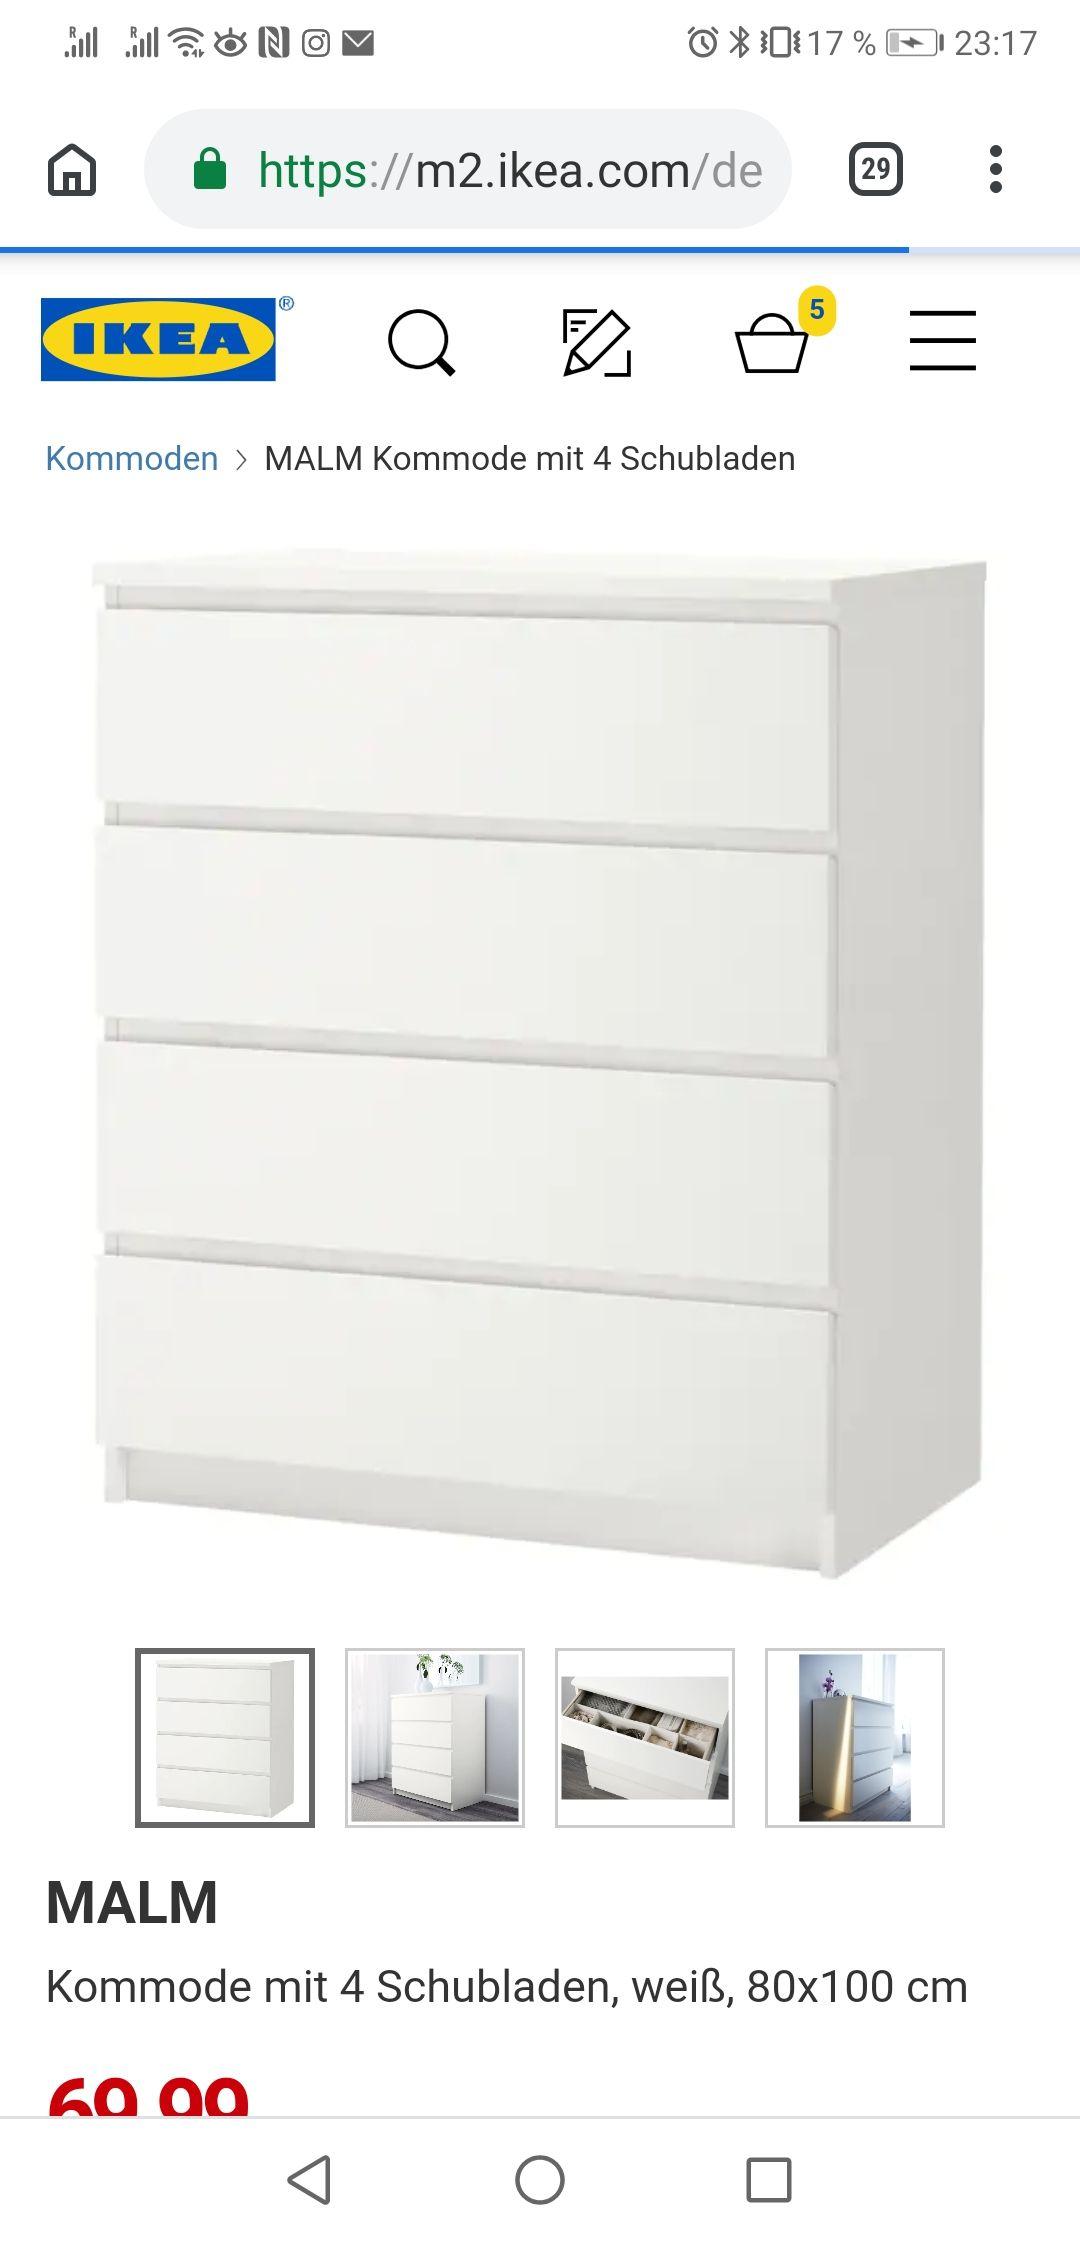 IKEA MALM Kommode mit 4 Schubladen weiß